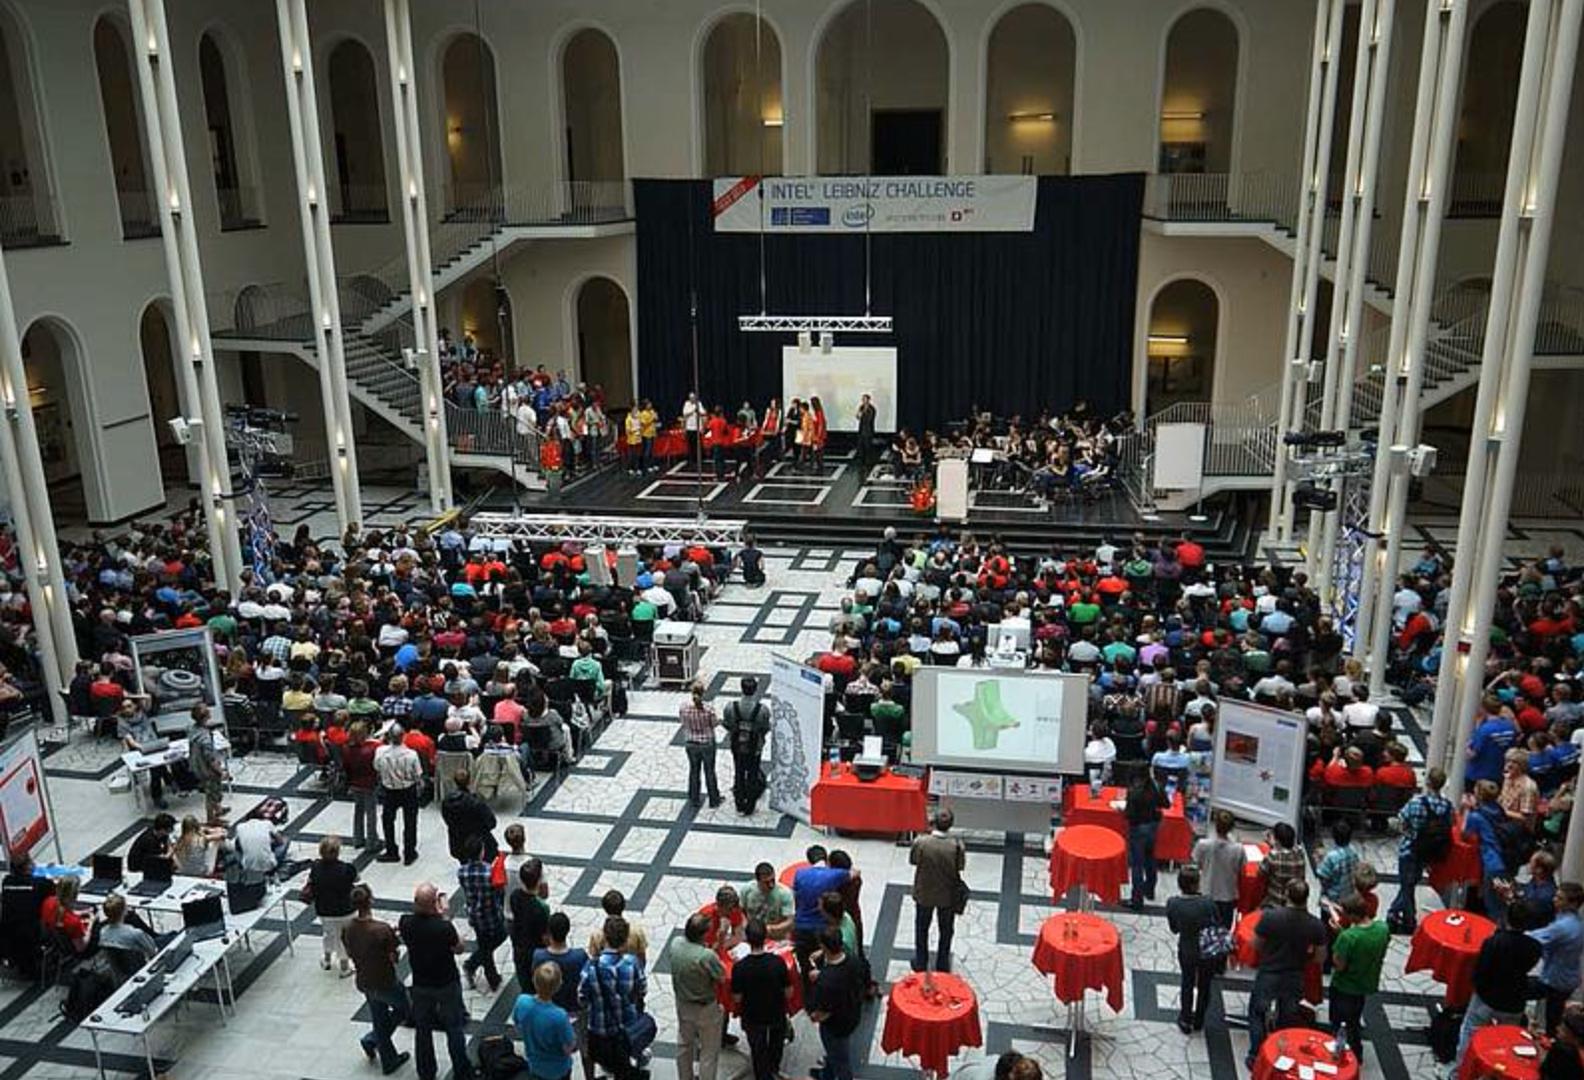 Abschlussveranstaltung der Challenge 2012